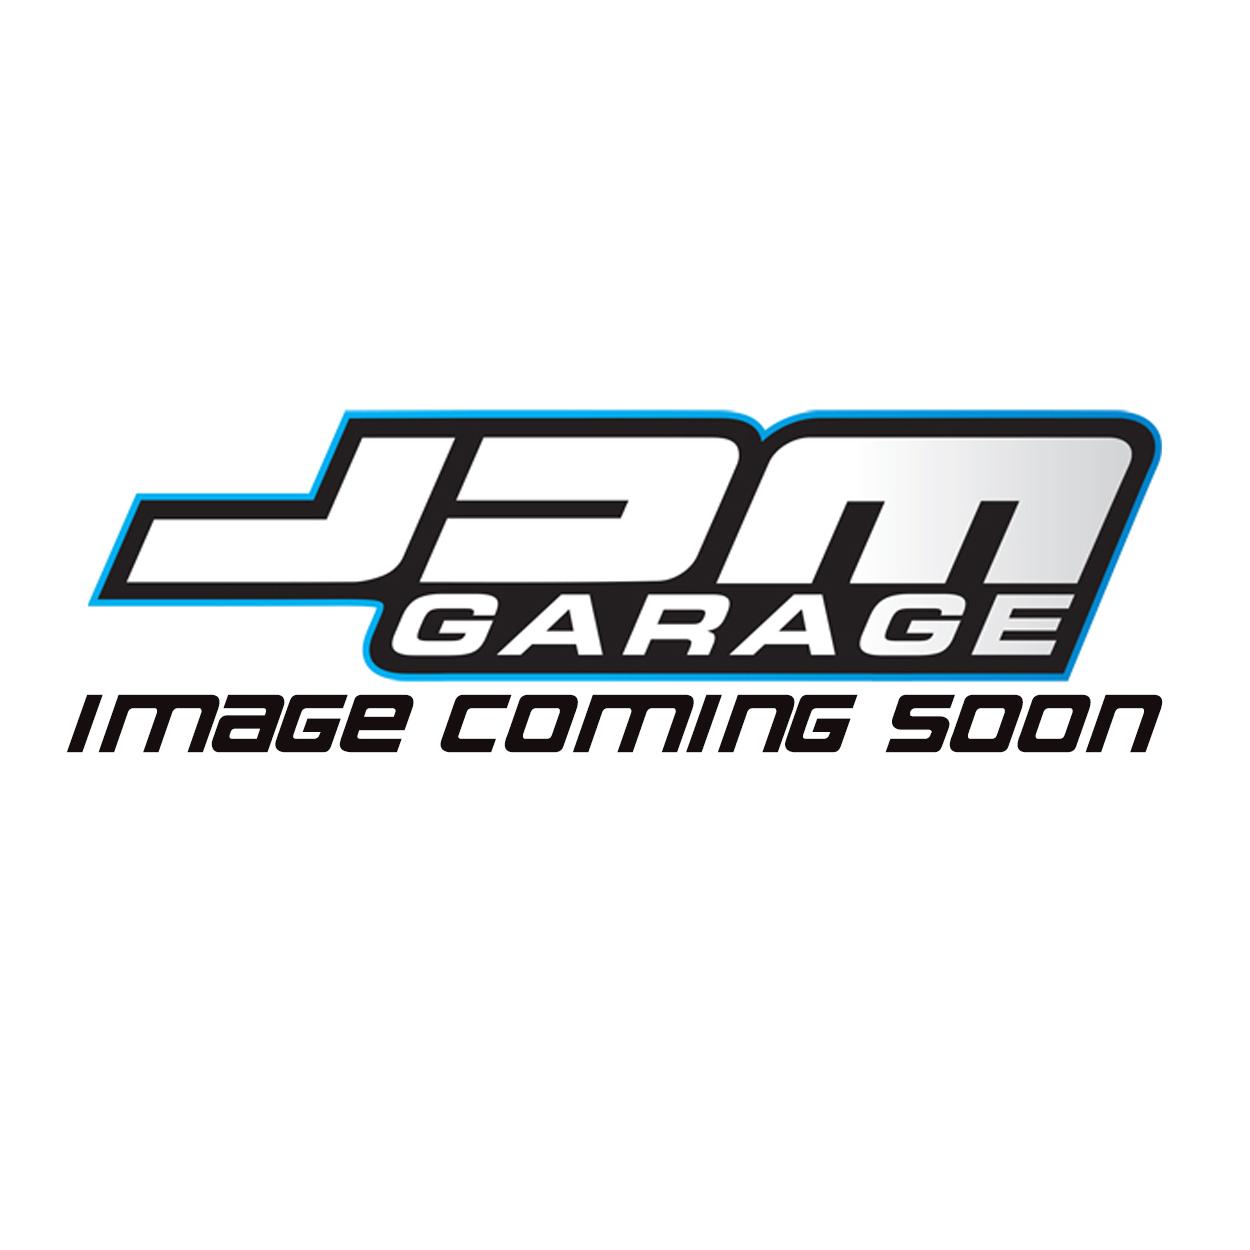 HKS Dual Clutch Transmission Fluid DCTF-II Fits Nissan R35 GTR / Mitsubishi EVO 10 X SST